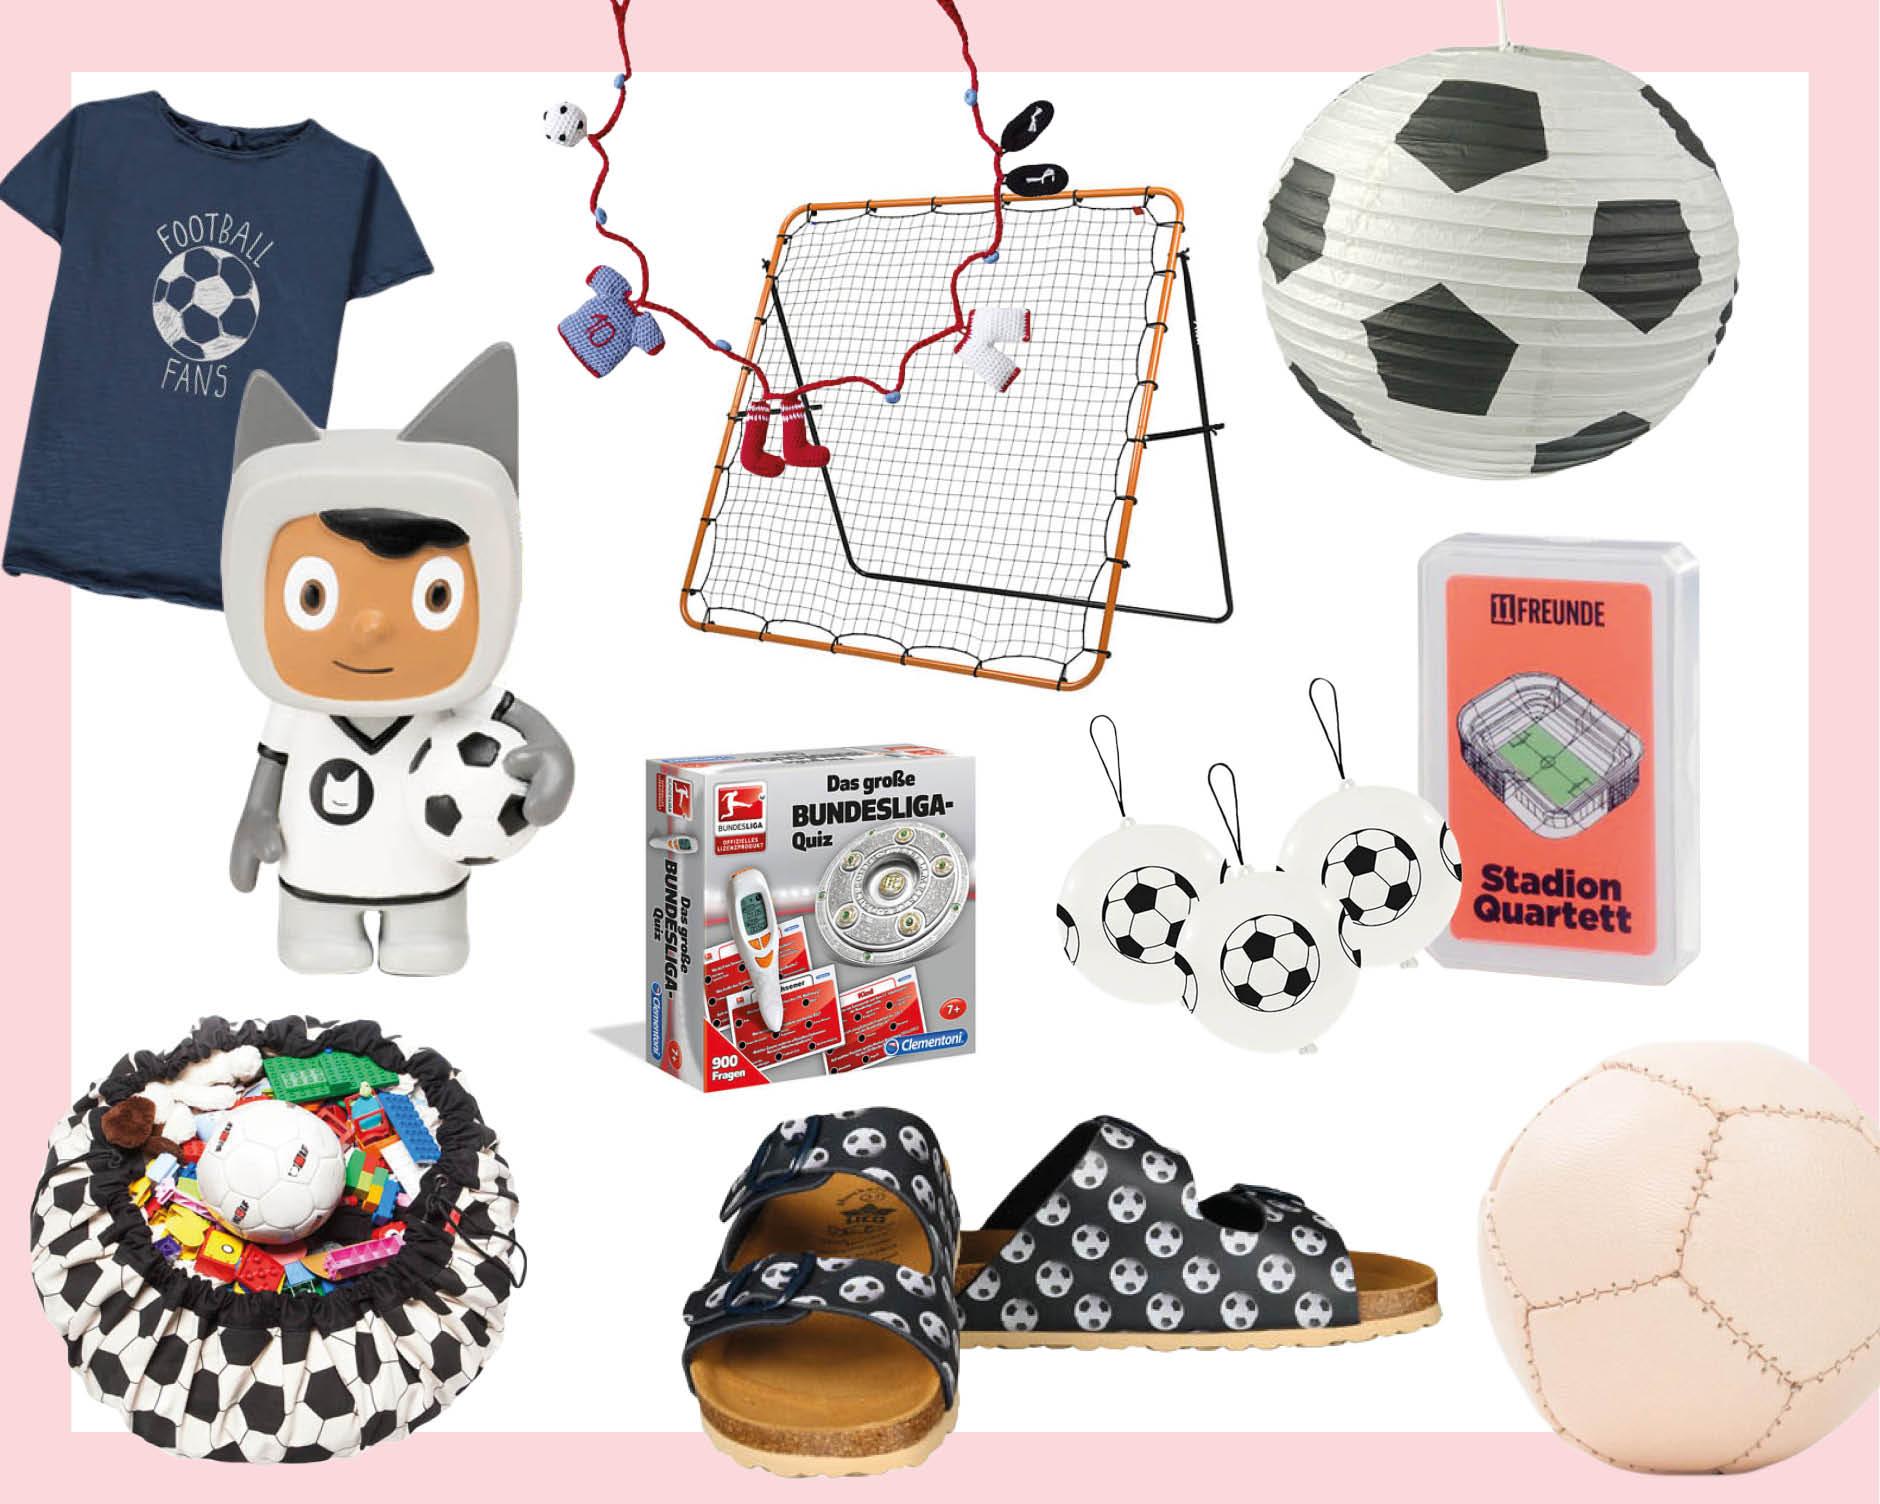 Bereit zum Anpfiff: Die besten Fußball Accessoires für Kinder zur WM 2018